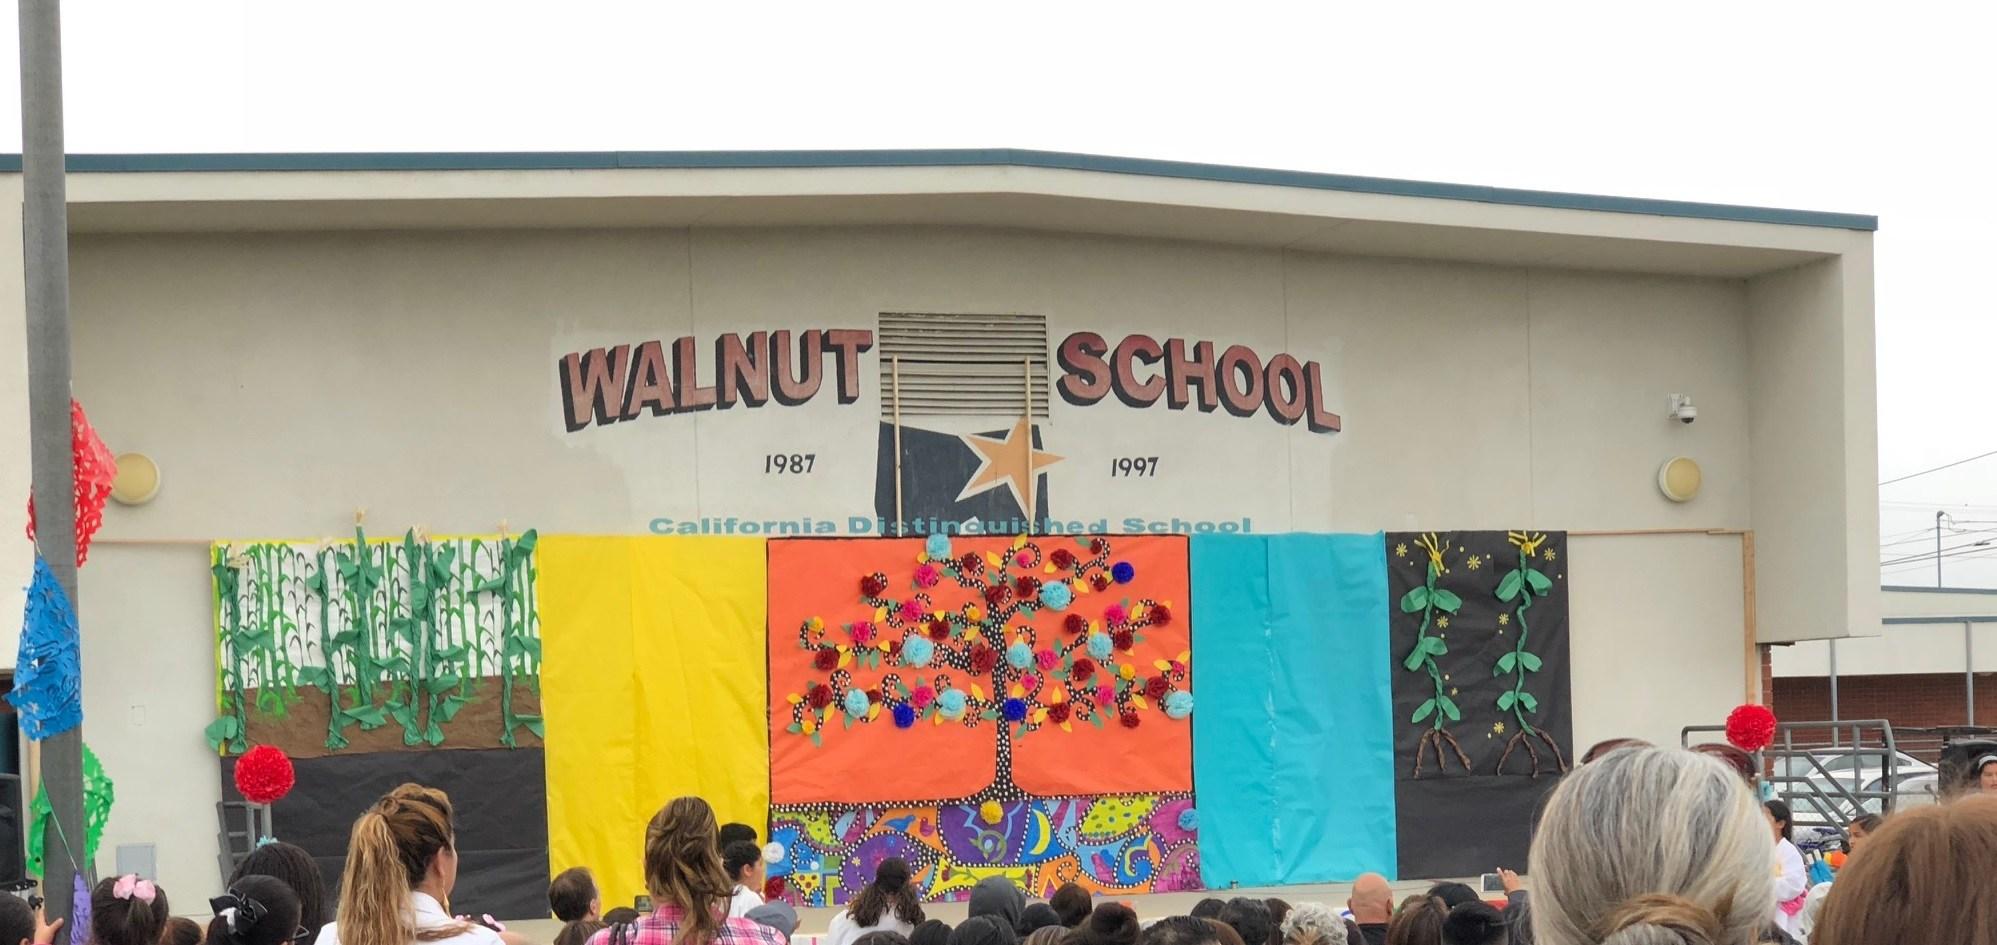 Walnut's outdoor stage